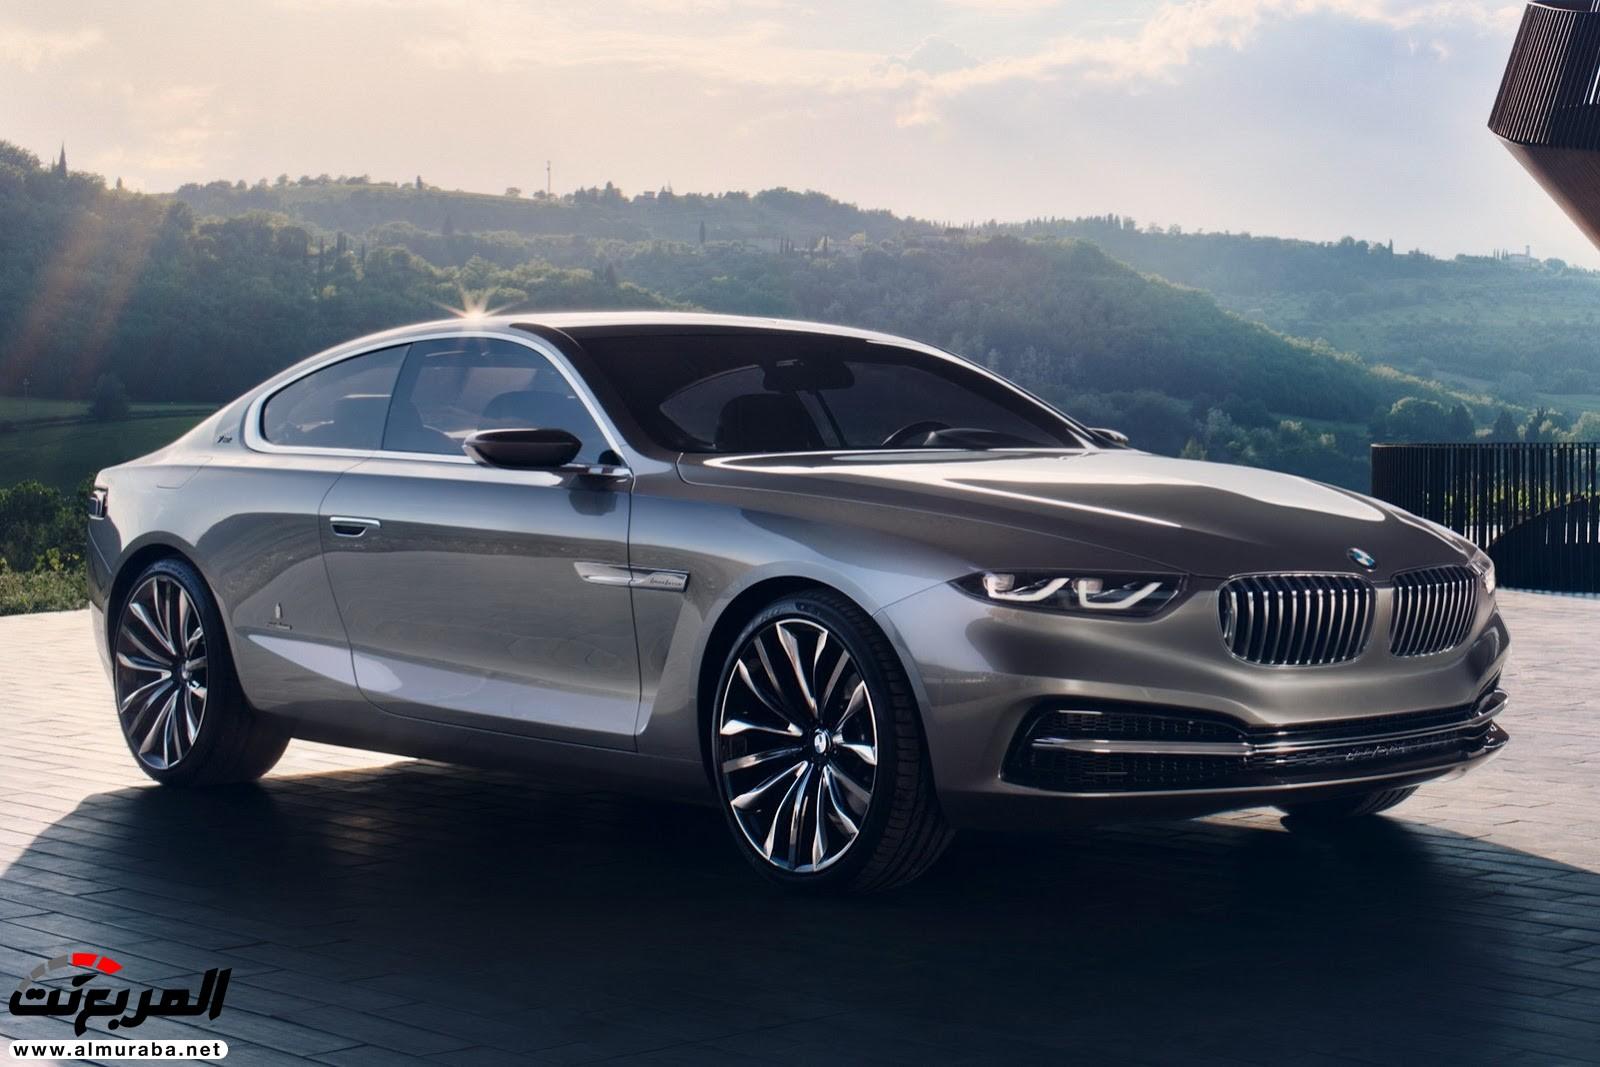 """""""بي إم دبليو"""" تعتزم صنع 3 موديلات M8 عالية الأداء للفئة الثامنة القادمة BMW   المربع نت"""